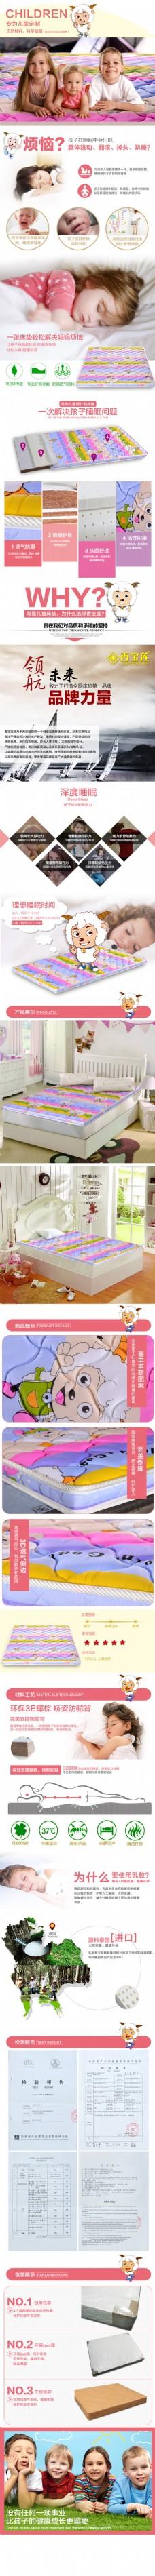 儿童床垫详情页